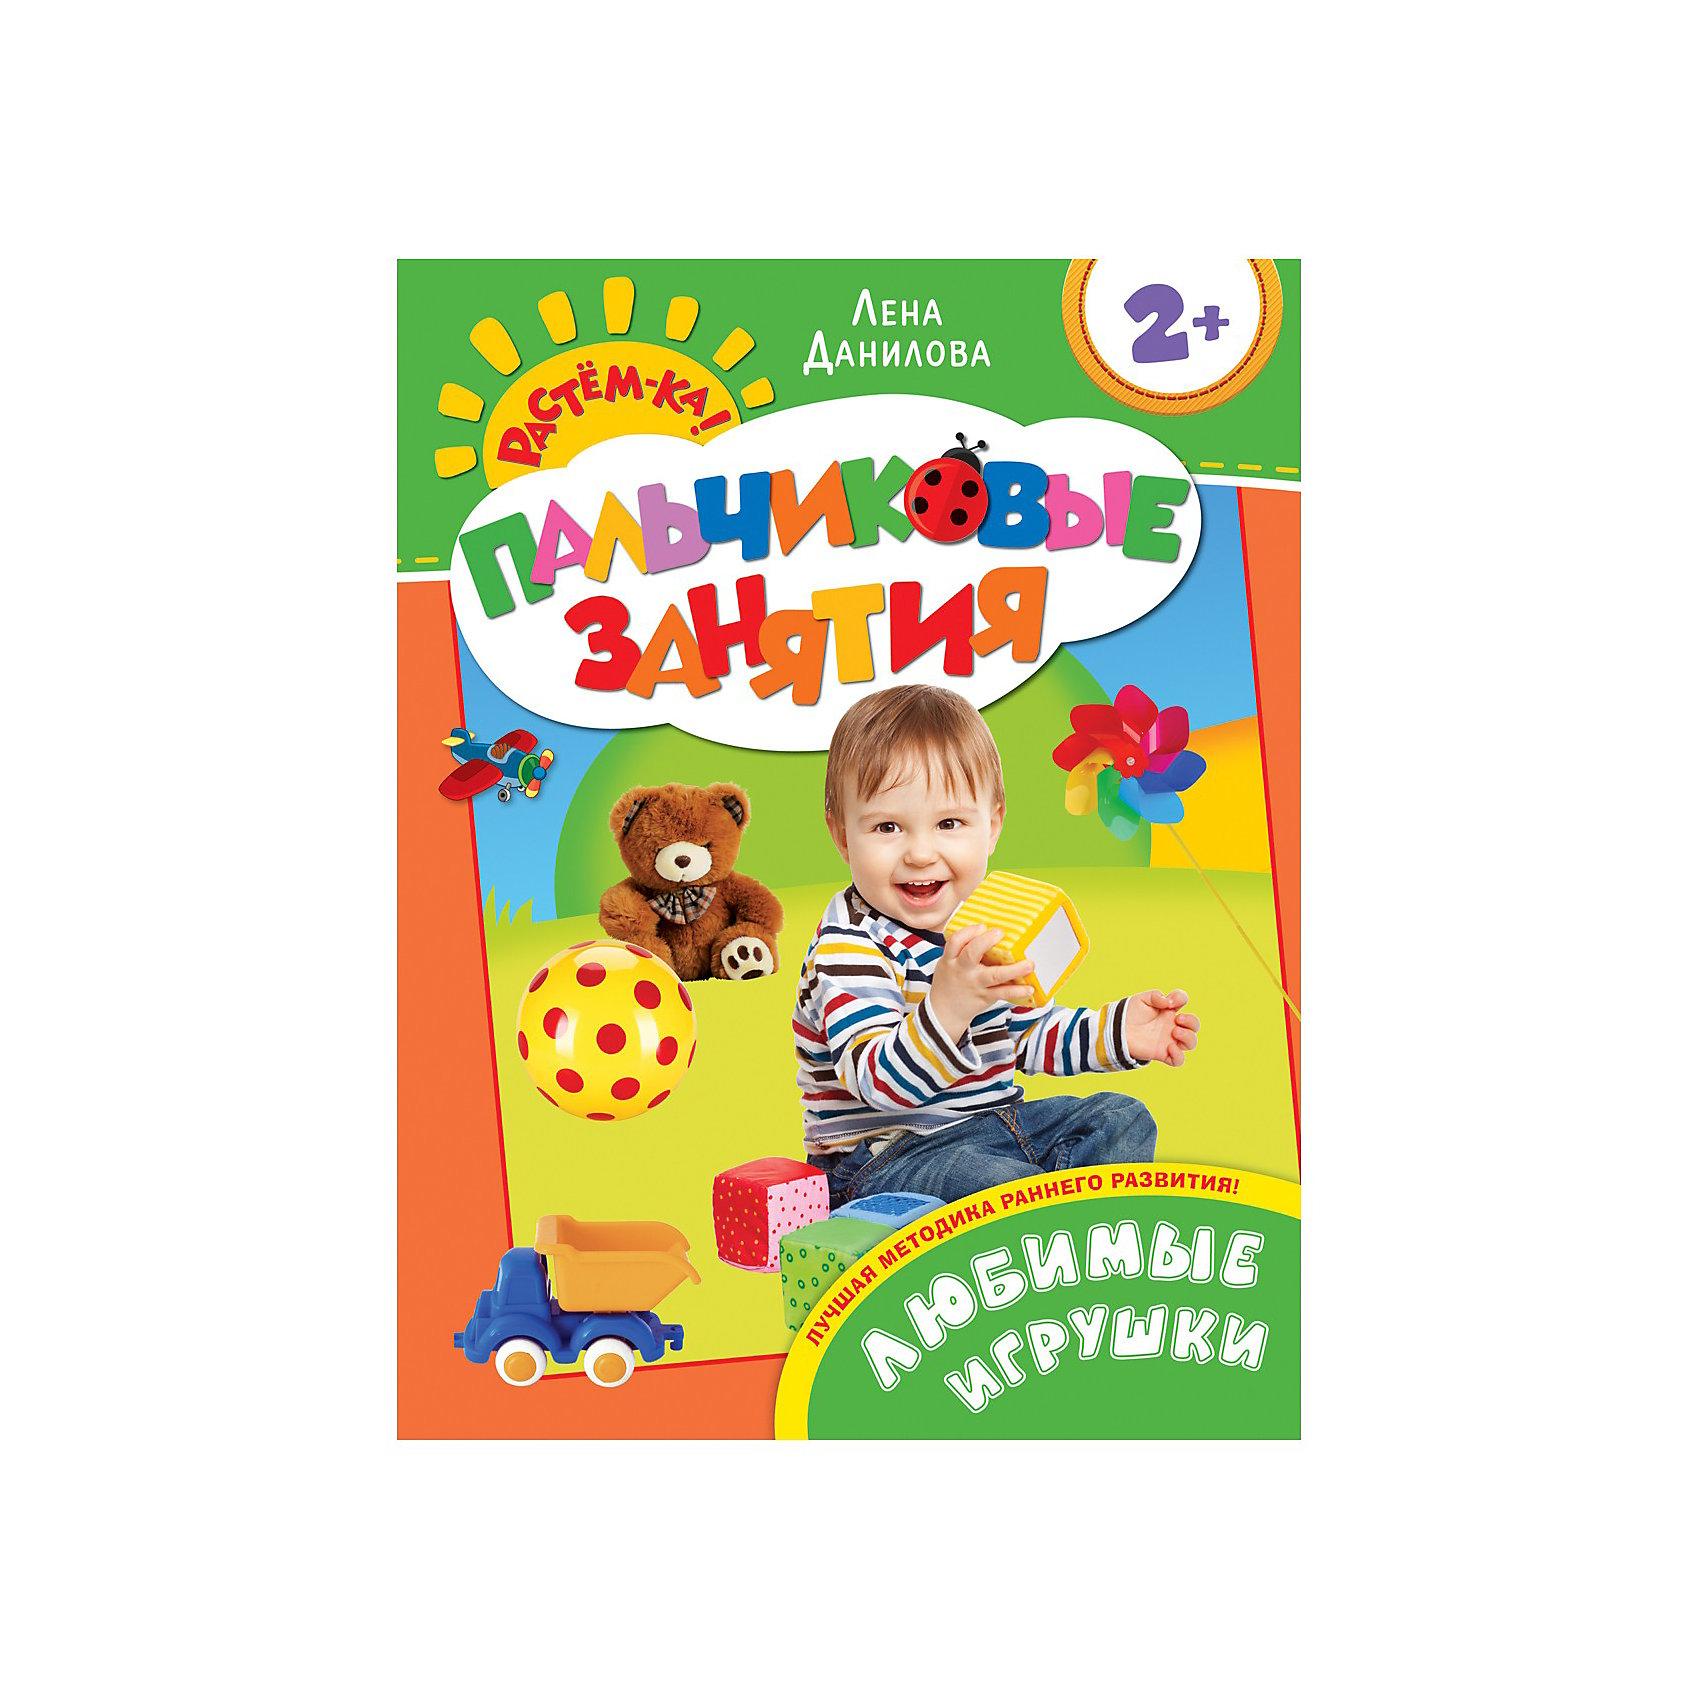 Пальчиковые занятия Любимые игрушки, Растем-ка!Книга Пальчиковые занятия, Росмэн (Rosman) направлена на развитие речи, моторики рук и расширение словарного запаса у маленьких читателей - детей от двух лет. Вы не просто вспомните игрушки, с которыми играют ваши дети, но и узнаете об их свойствах, поиграете, будете искать и находить, узнавать и сравнивать. Не торопите ребенка. Даже со знакомыми игрушками можно сыграть в новые игры, а главное - научиться с помощью этих игр говорить сложнее, красивее, грамотнее. Это следующий шаг, очень непростой, но важный. Старайтесь и вне игры с книжкой обращать внимание ребенка на то, как и что Вы делаете, как играете. Глаголы - основа фразовой речи. Поэтому так важно обращать внимание ребенка на те разные слова, которые Вы используете, играя в книжке. Книга построена на играх с картинками. И несмотря на то что в книге есть простой сюжет, можно читать ее в любом порядке. Мы постарались сделать игры разными, интересными, многоуровневыми. Под каждой картинкой даны советы родителям. Их не нужно выполнять все сразу: каждый раз, листая книгу вместе с малышом, обращайтесь к одному-двум советам. Никогда не требуйте от ребенка выполнения заданий. Просто делайте все сами - показывайте, изображайте действия руками, пальцами, всем телом. Рано или поздно малыш станет повторять за вами.<br>Пальчиковые занятия, Росмэн (Rosman) - уникальная и эффективная методика раннего развития. Формирует опережающее и гармоничное развитие малыша. Автор пособий - известный психолог, педагог и методист Лена Данилова. В легкой  естественной форме, через игру с пальчиками, через простые подражательные движения ребенок быстро вовлекается в развивающую игру. <br>Игры с картинками для развития грамотной речи!<br><br>Дополнительная информация:<br><br>- тип обложки: мягкая глянцевая;<br>- эта книга серии будет более интересна родителям подросших малышей;<br>- количество страниц: 16;<br>- размер: 22,5 х 20 х 0,5 см;<br>- вес: 80 г.<br><br>Книгу: Любимые игрушки! Пальчико